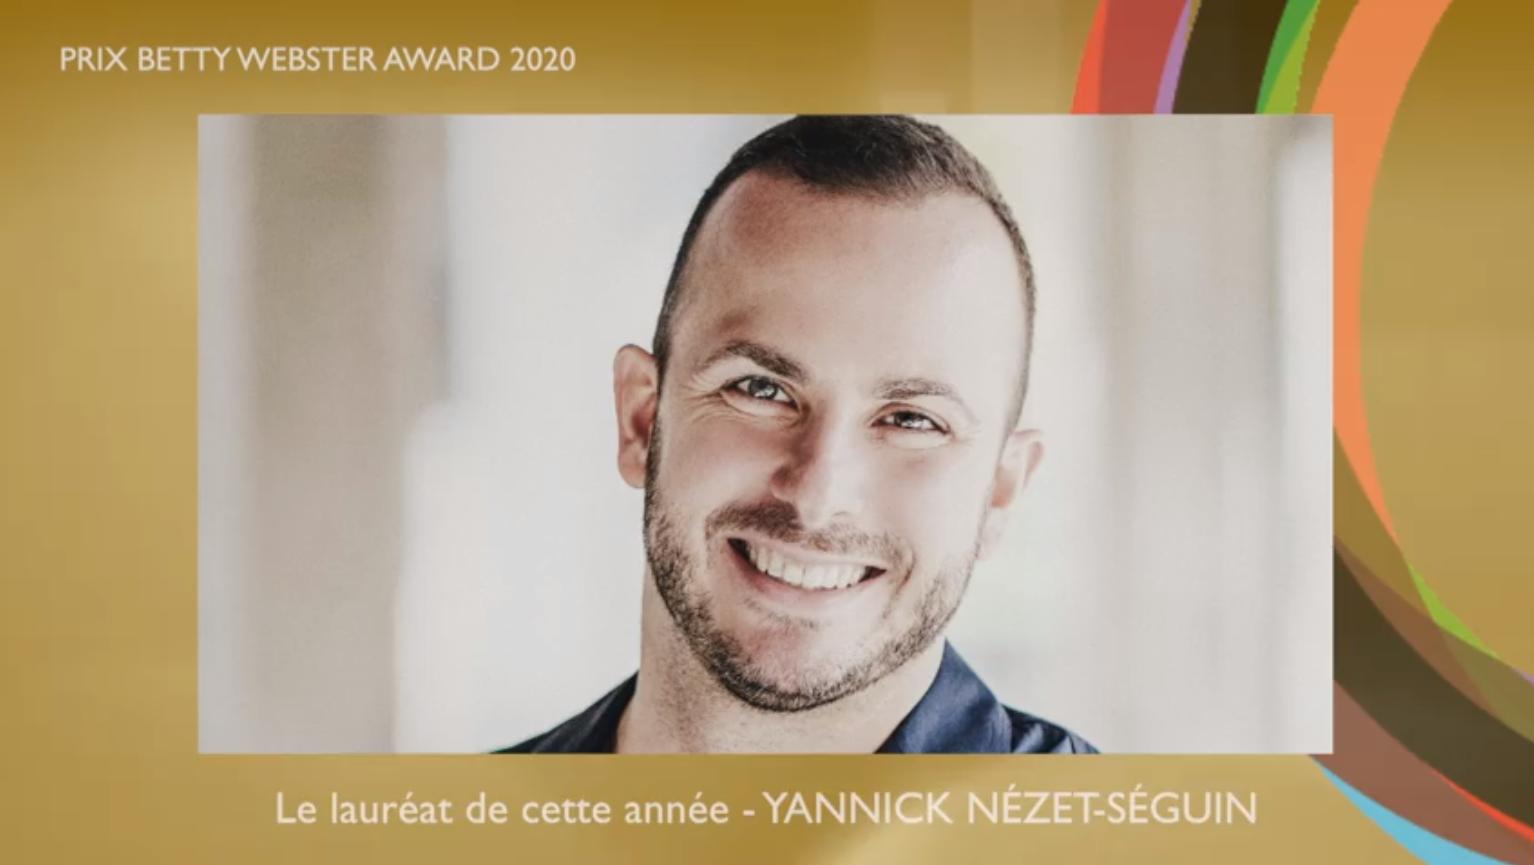 Yannick Nézet-Séguin contribue à la Fondation Joseph-François Perreault